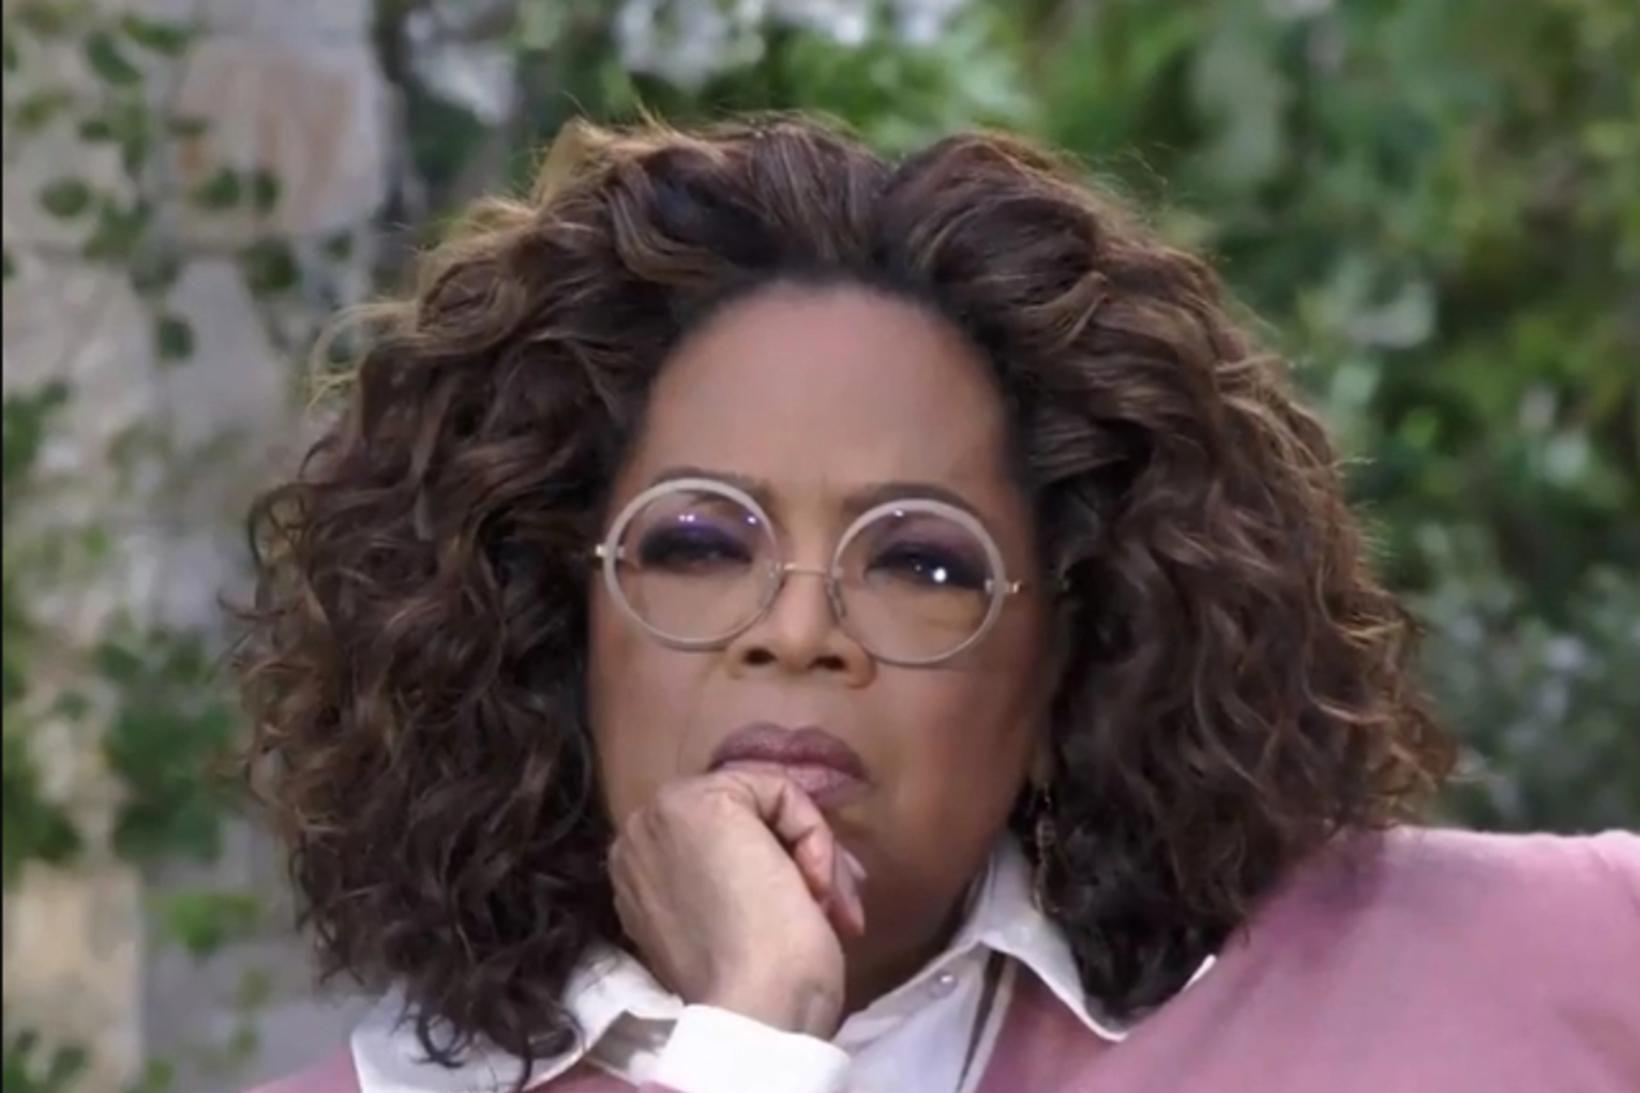 Oprah Winfrey með gleraugun í viðtalinu fræga.